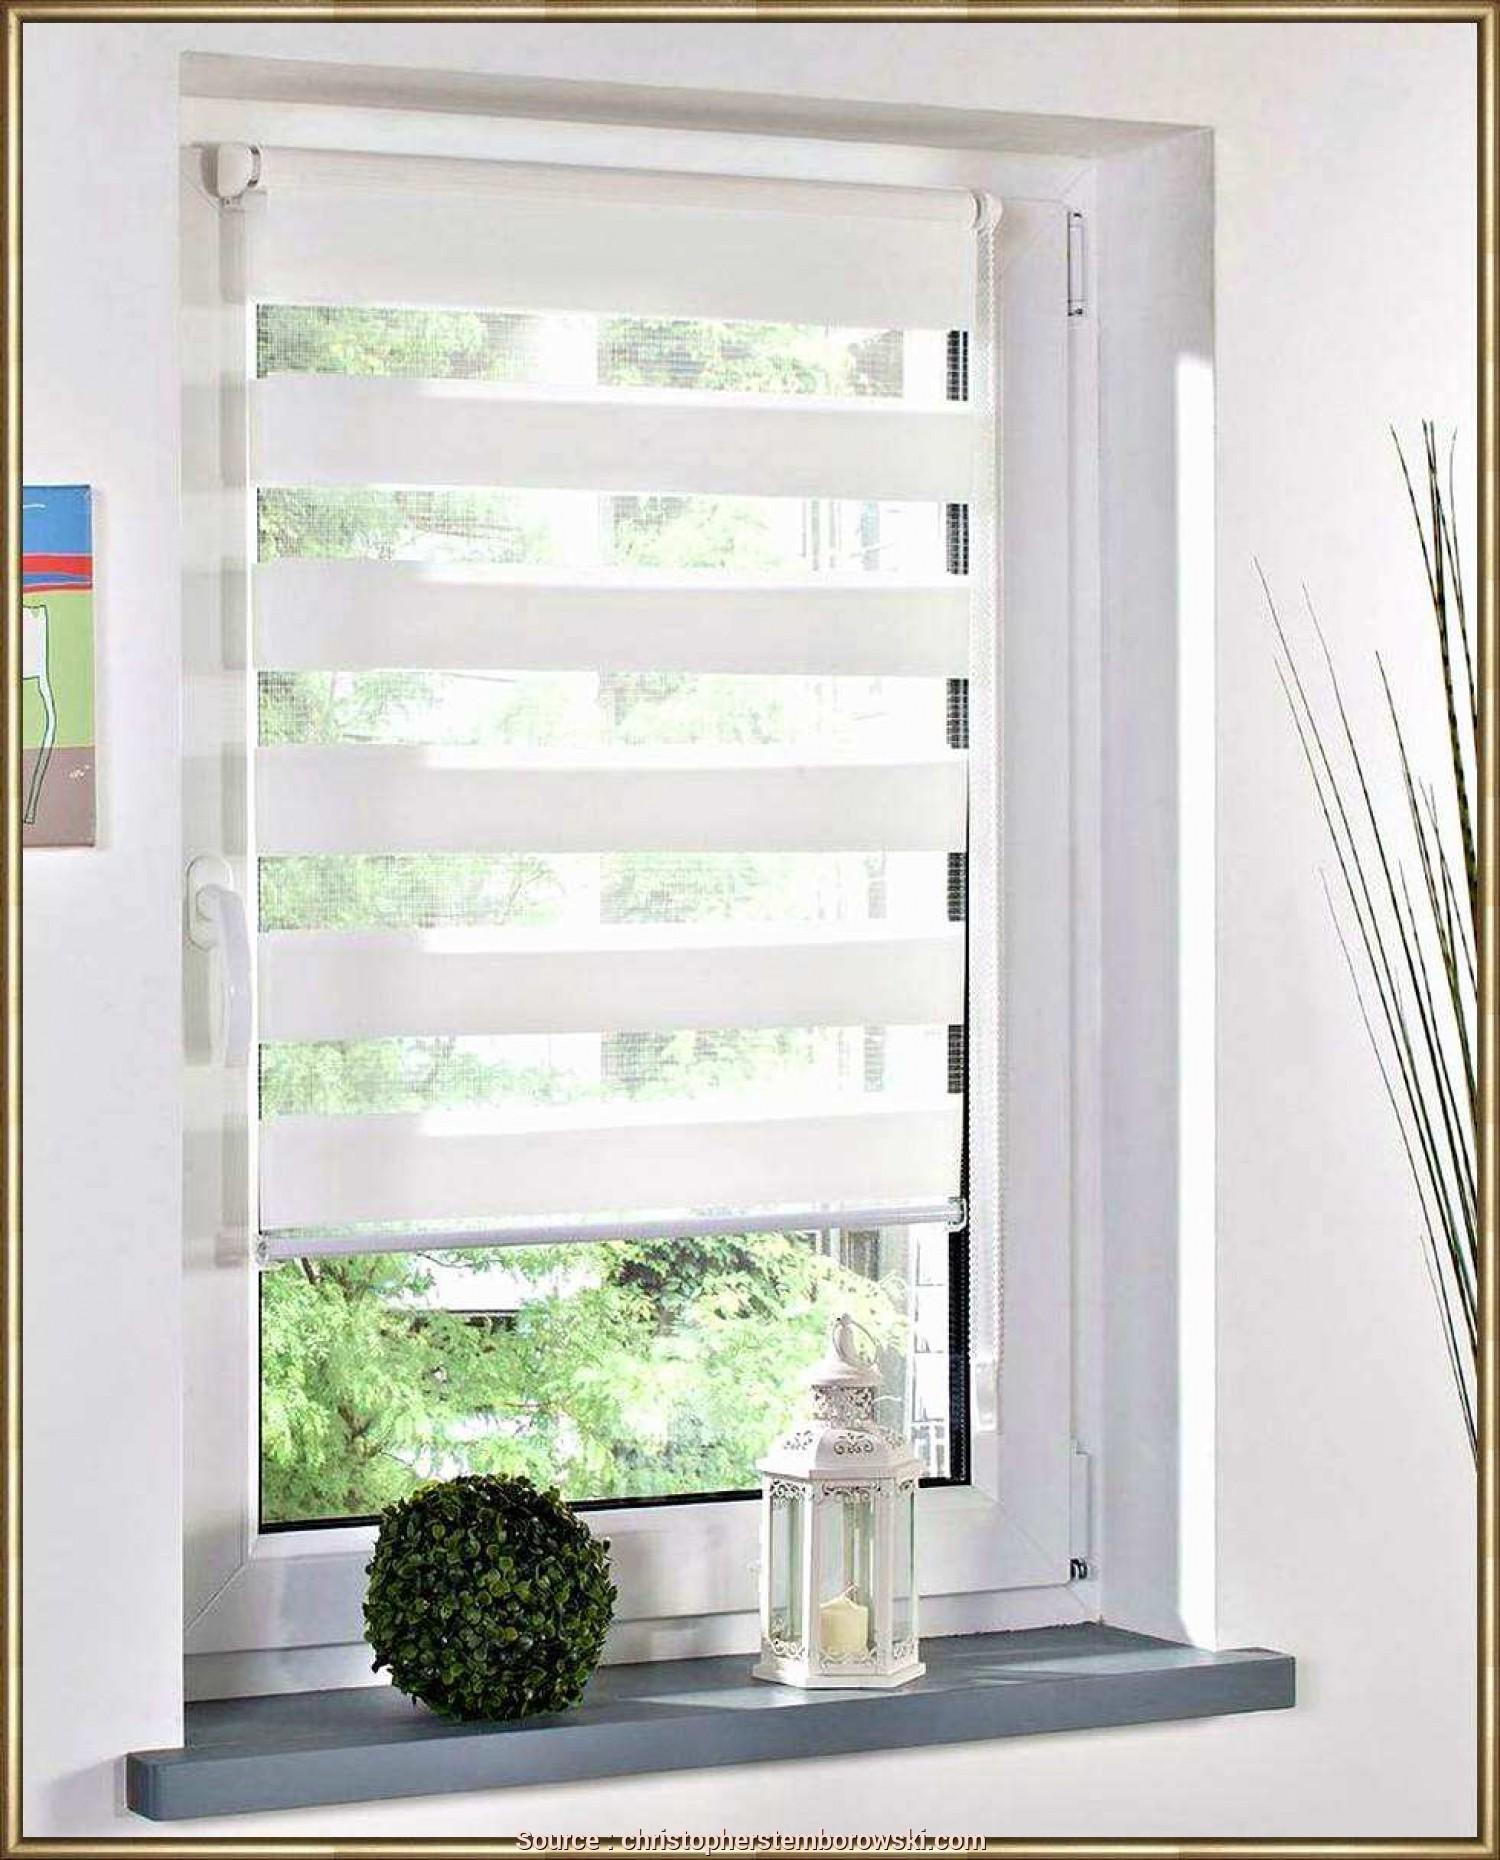 Full Size of Balkon Sichtschutz Bambus Ikea Bello 5 Stoffe Fr Fenster Jake Vintage Küche Kaufen Sichtschutzfolie Einseitig Durchsichtig Betten Bei 160x200 Miniküche Wohnzimmer Balkon Sichtschutz Bambus Ikea